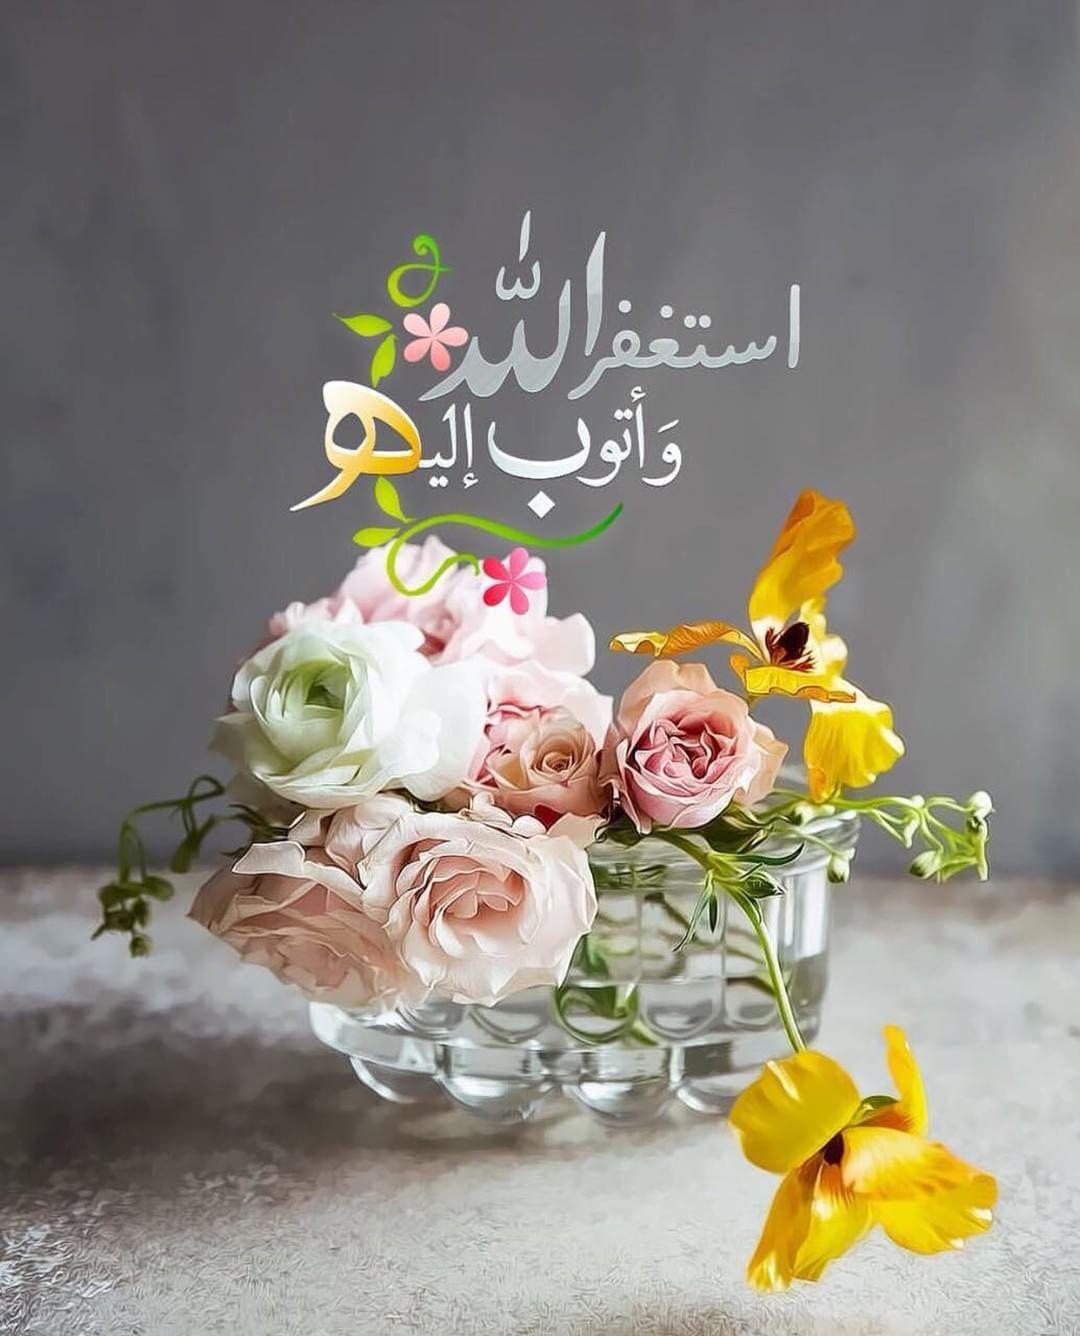 ✵ آﻵستغفآر جنّـہَ و رآحـہَ لآ تُوصف …